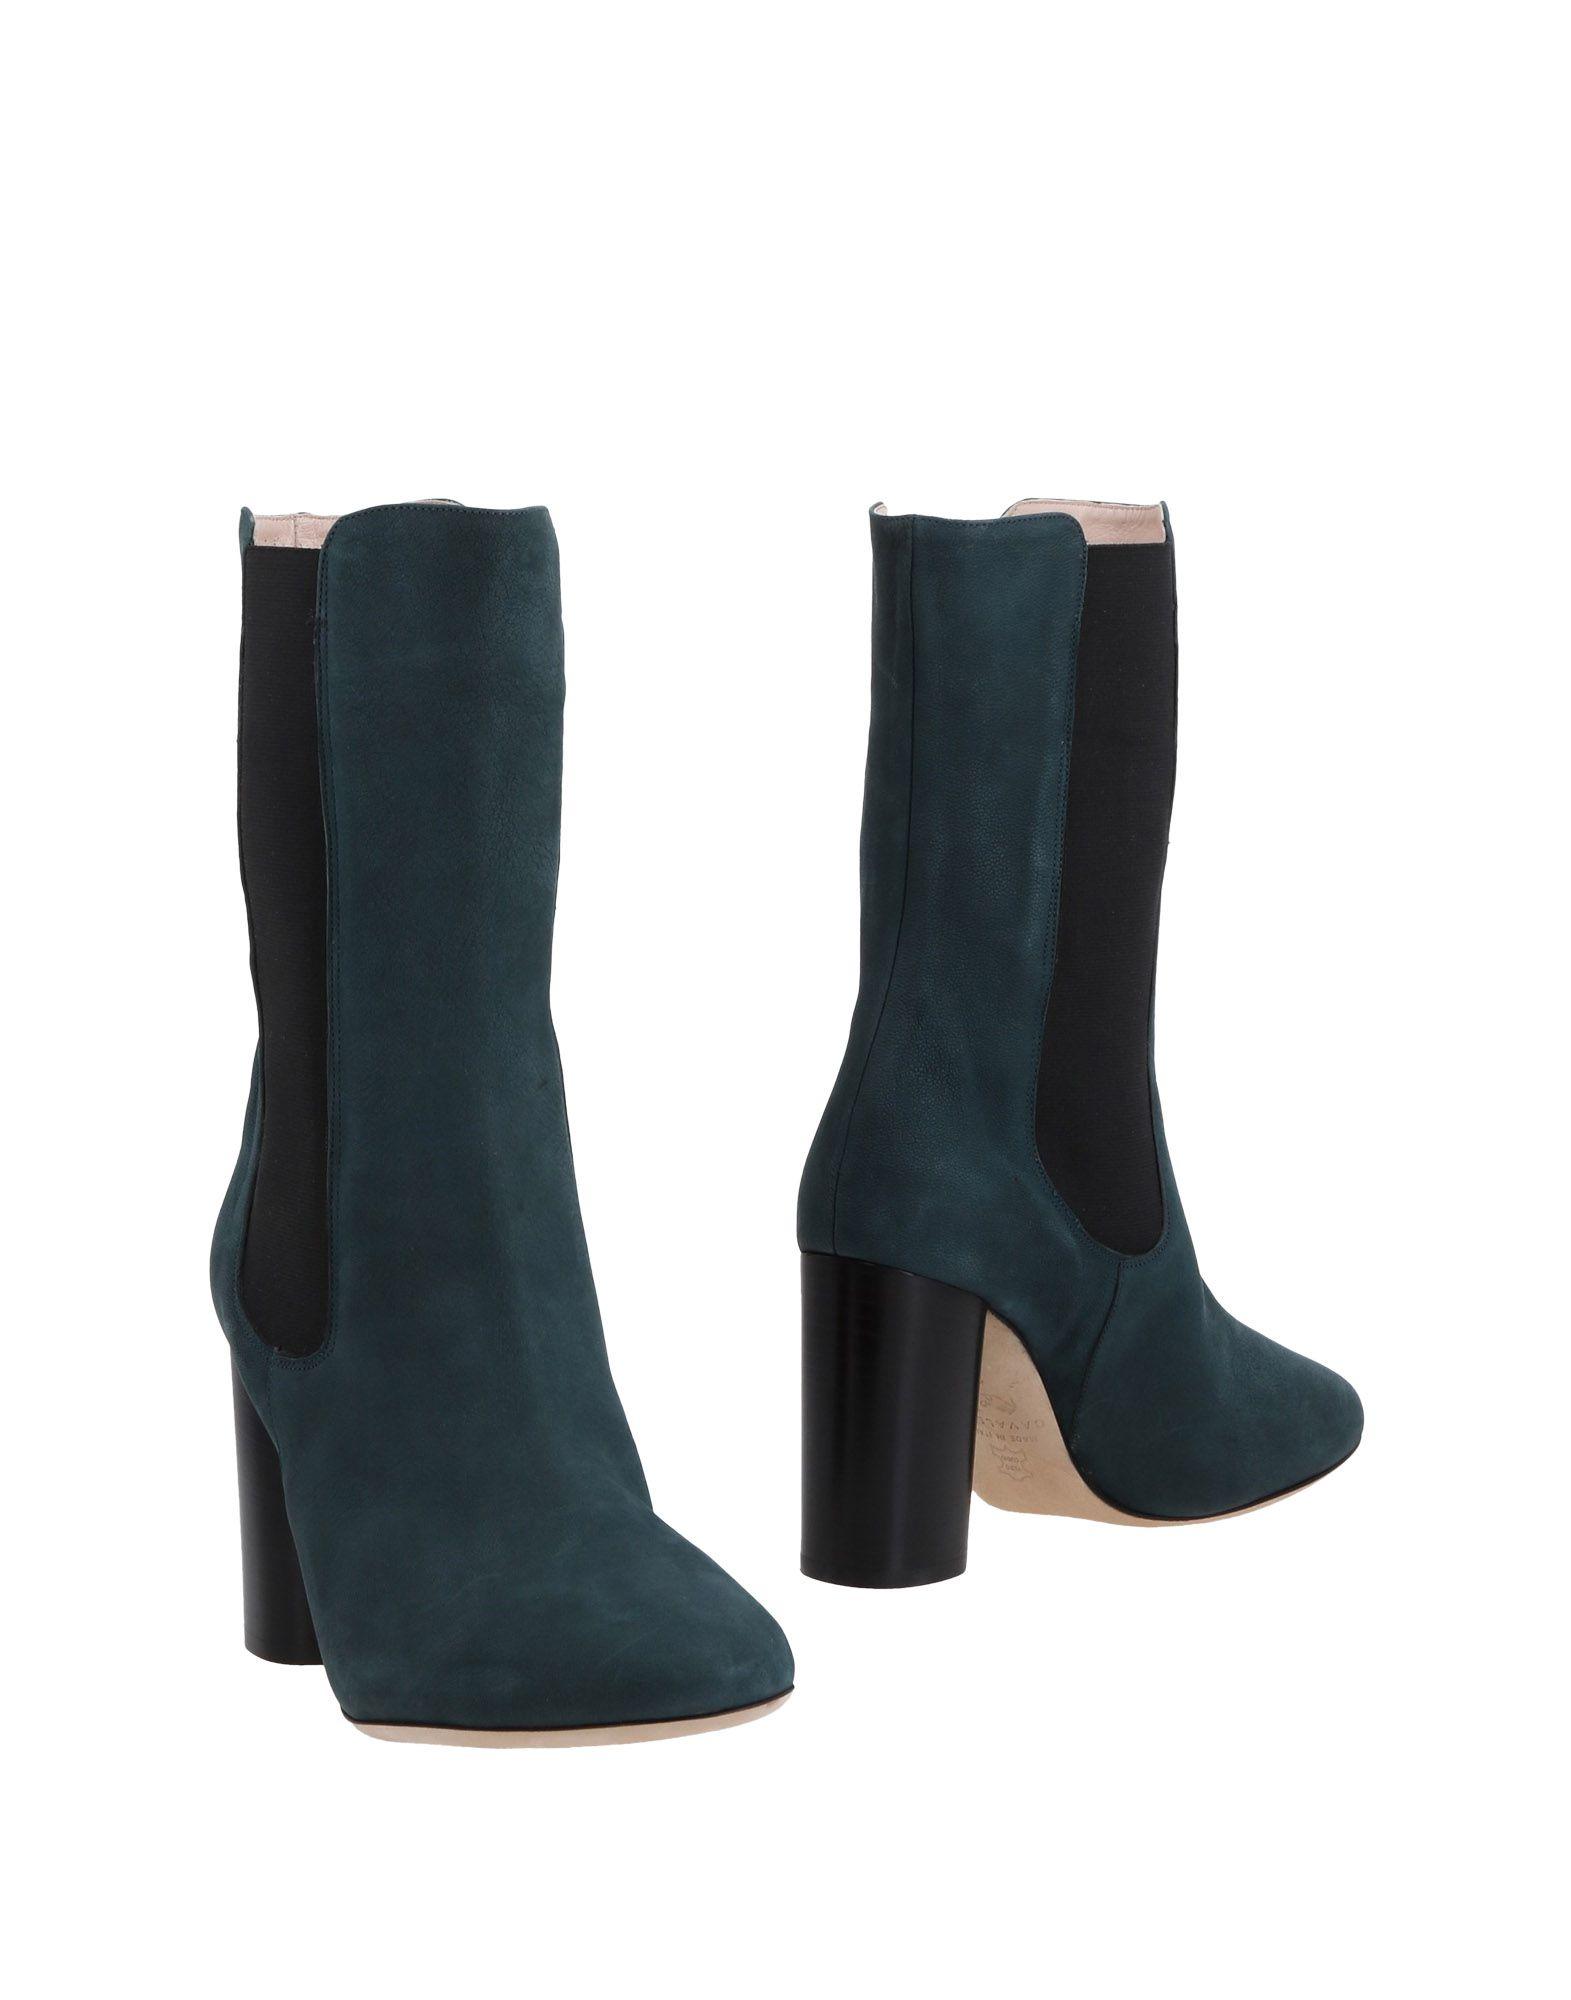 Cavallini Stiefelette Damen  11483128IIGut aussehende strapazierfähige Schuhe